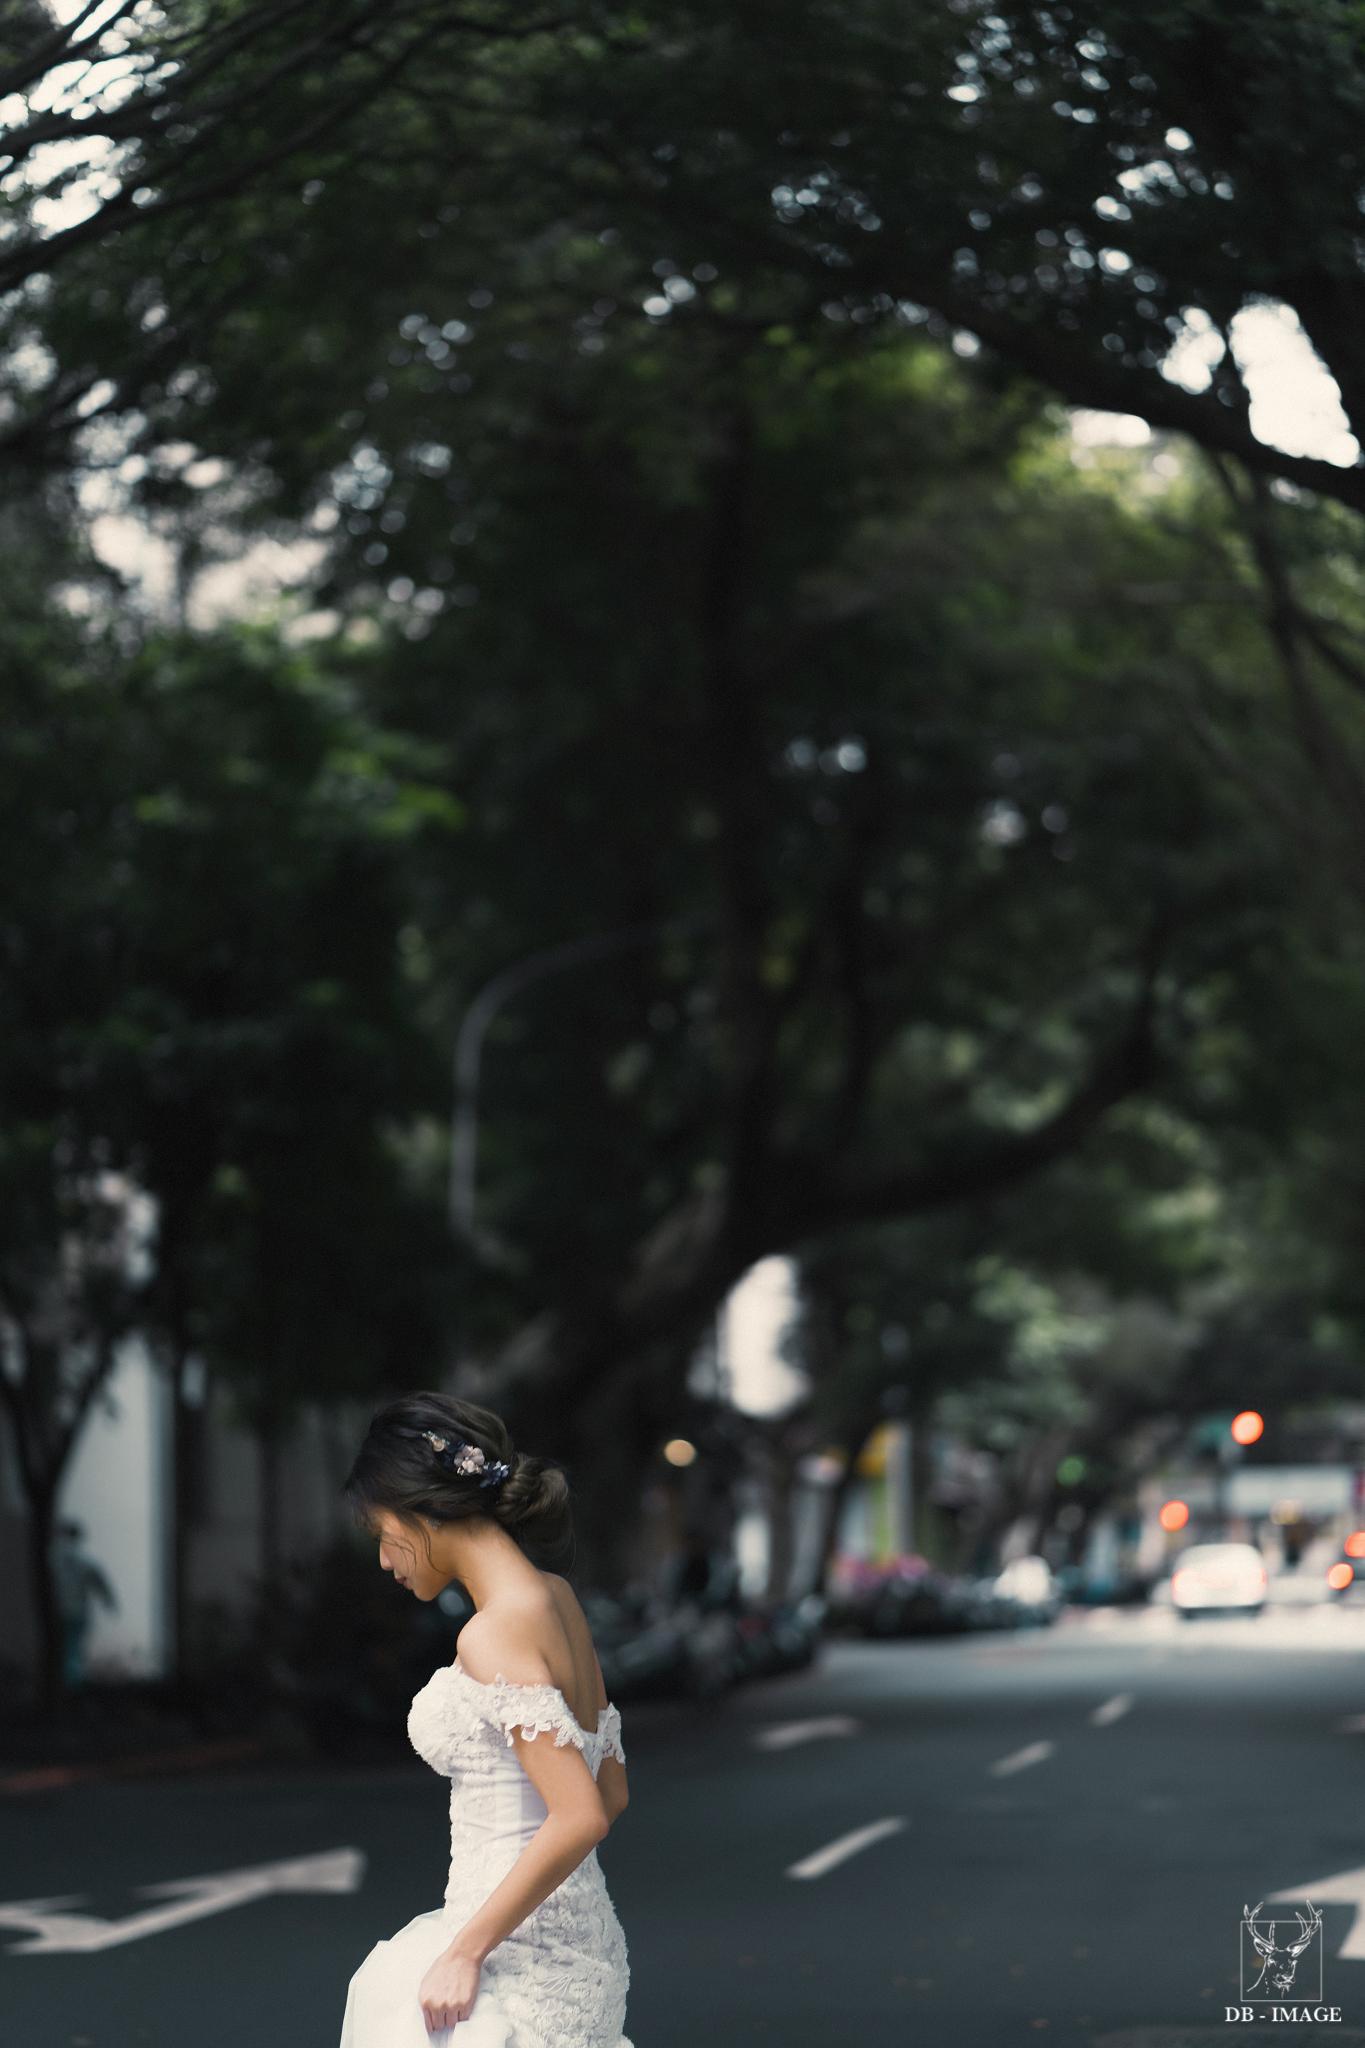 美式婚紗 婚紗攝影 冬伴影像 攝影師 冬伴 北部攝影 新竹攝影 台北攝影 自主婚紗 自助婚紗 富錦街婚紗 冷水坑婚紗 陽明山婚紗_DB_4088